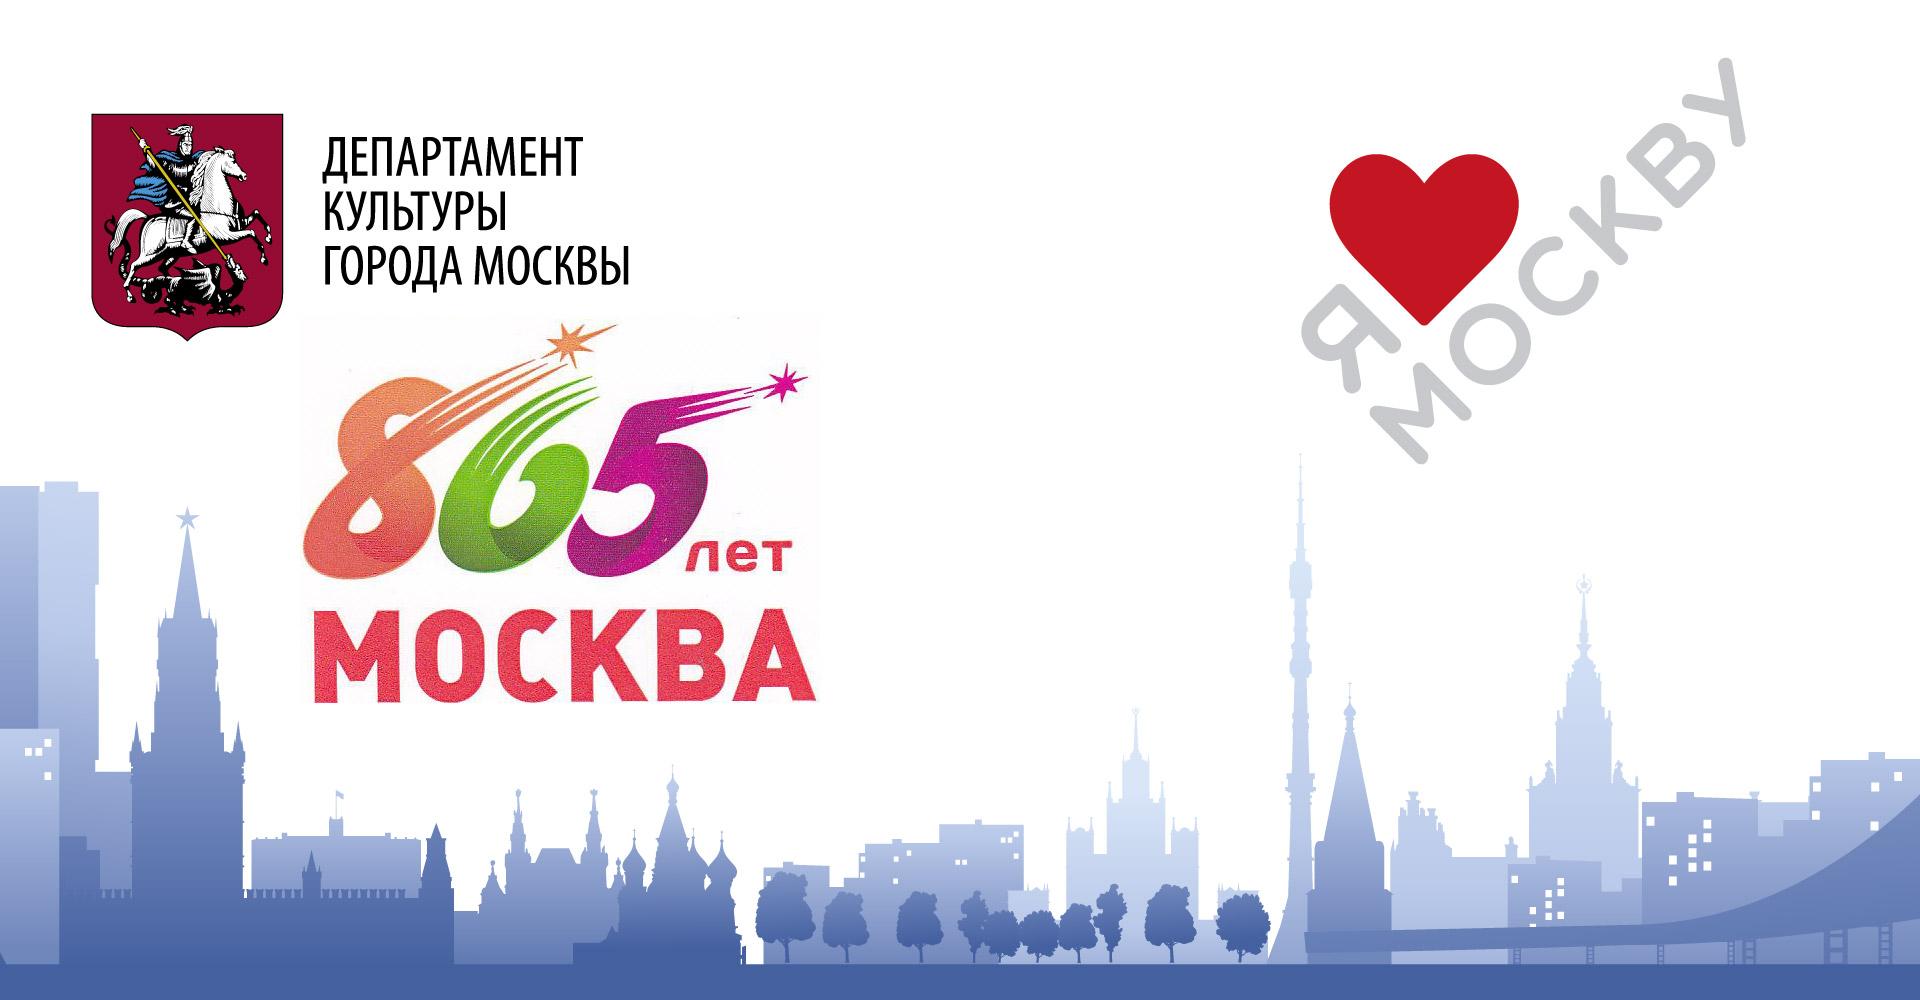 Департамент культуры города Москвы поздравил коллектив театра за участие в Московском Карнавале посвященному Дню города, который прошёл 1-2 сентября в центре Москвы.